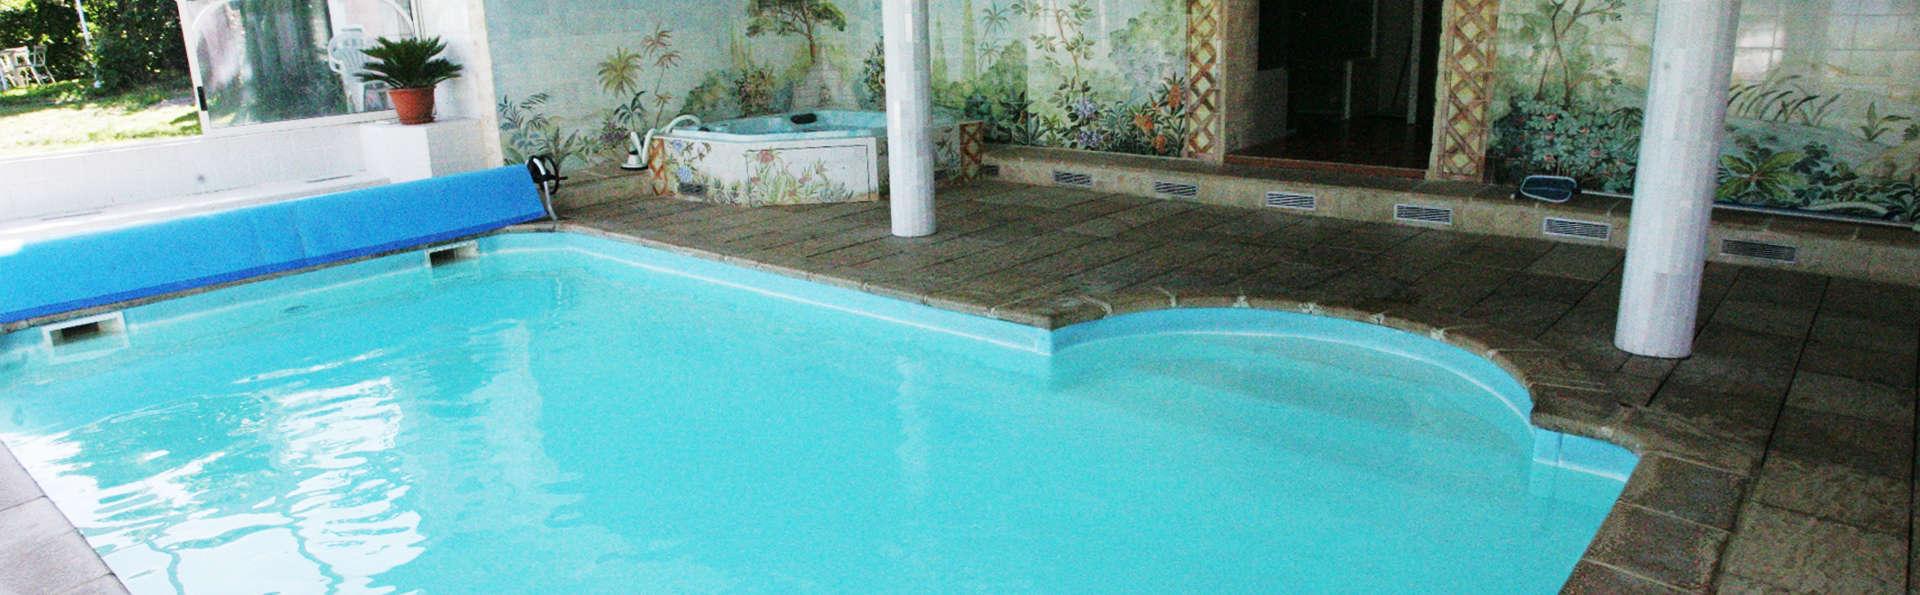 Hôtel Muret - EDIT_pool.jpg